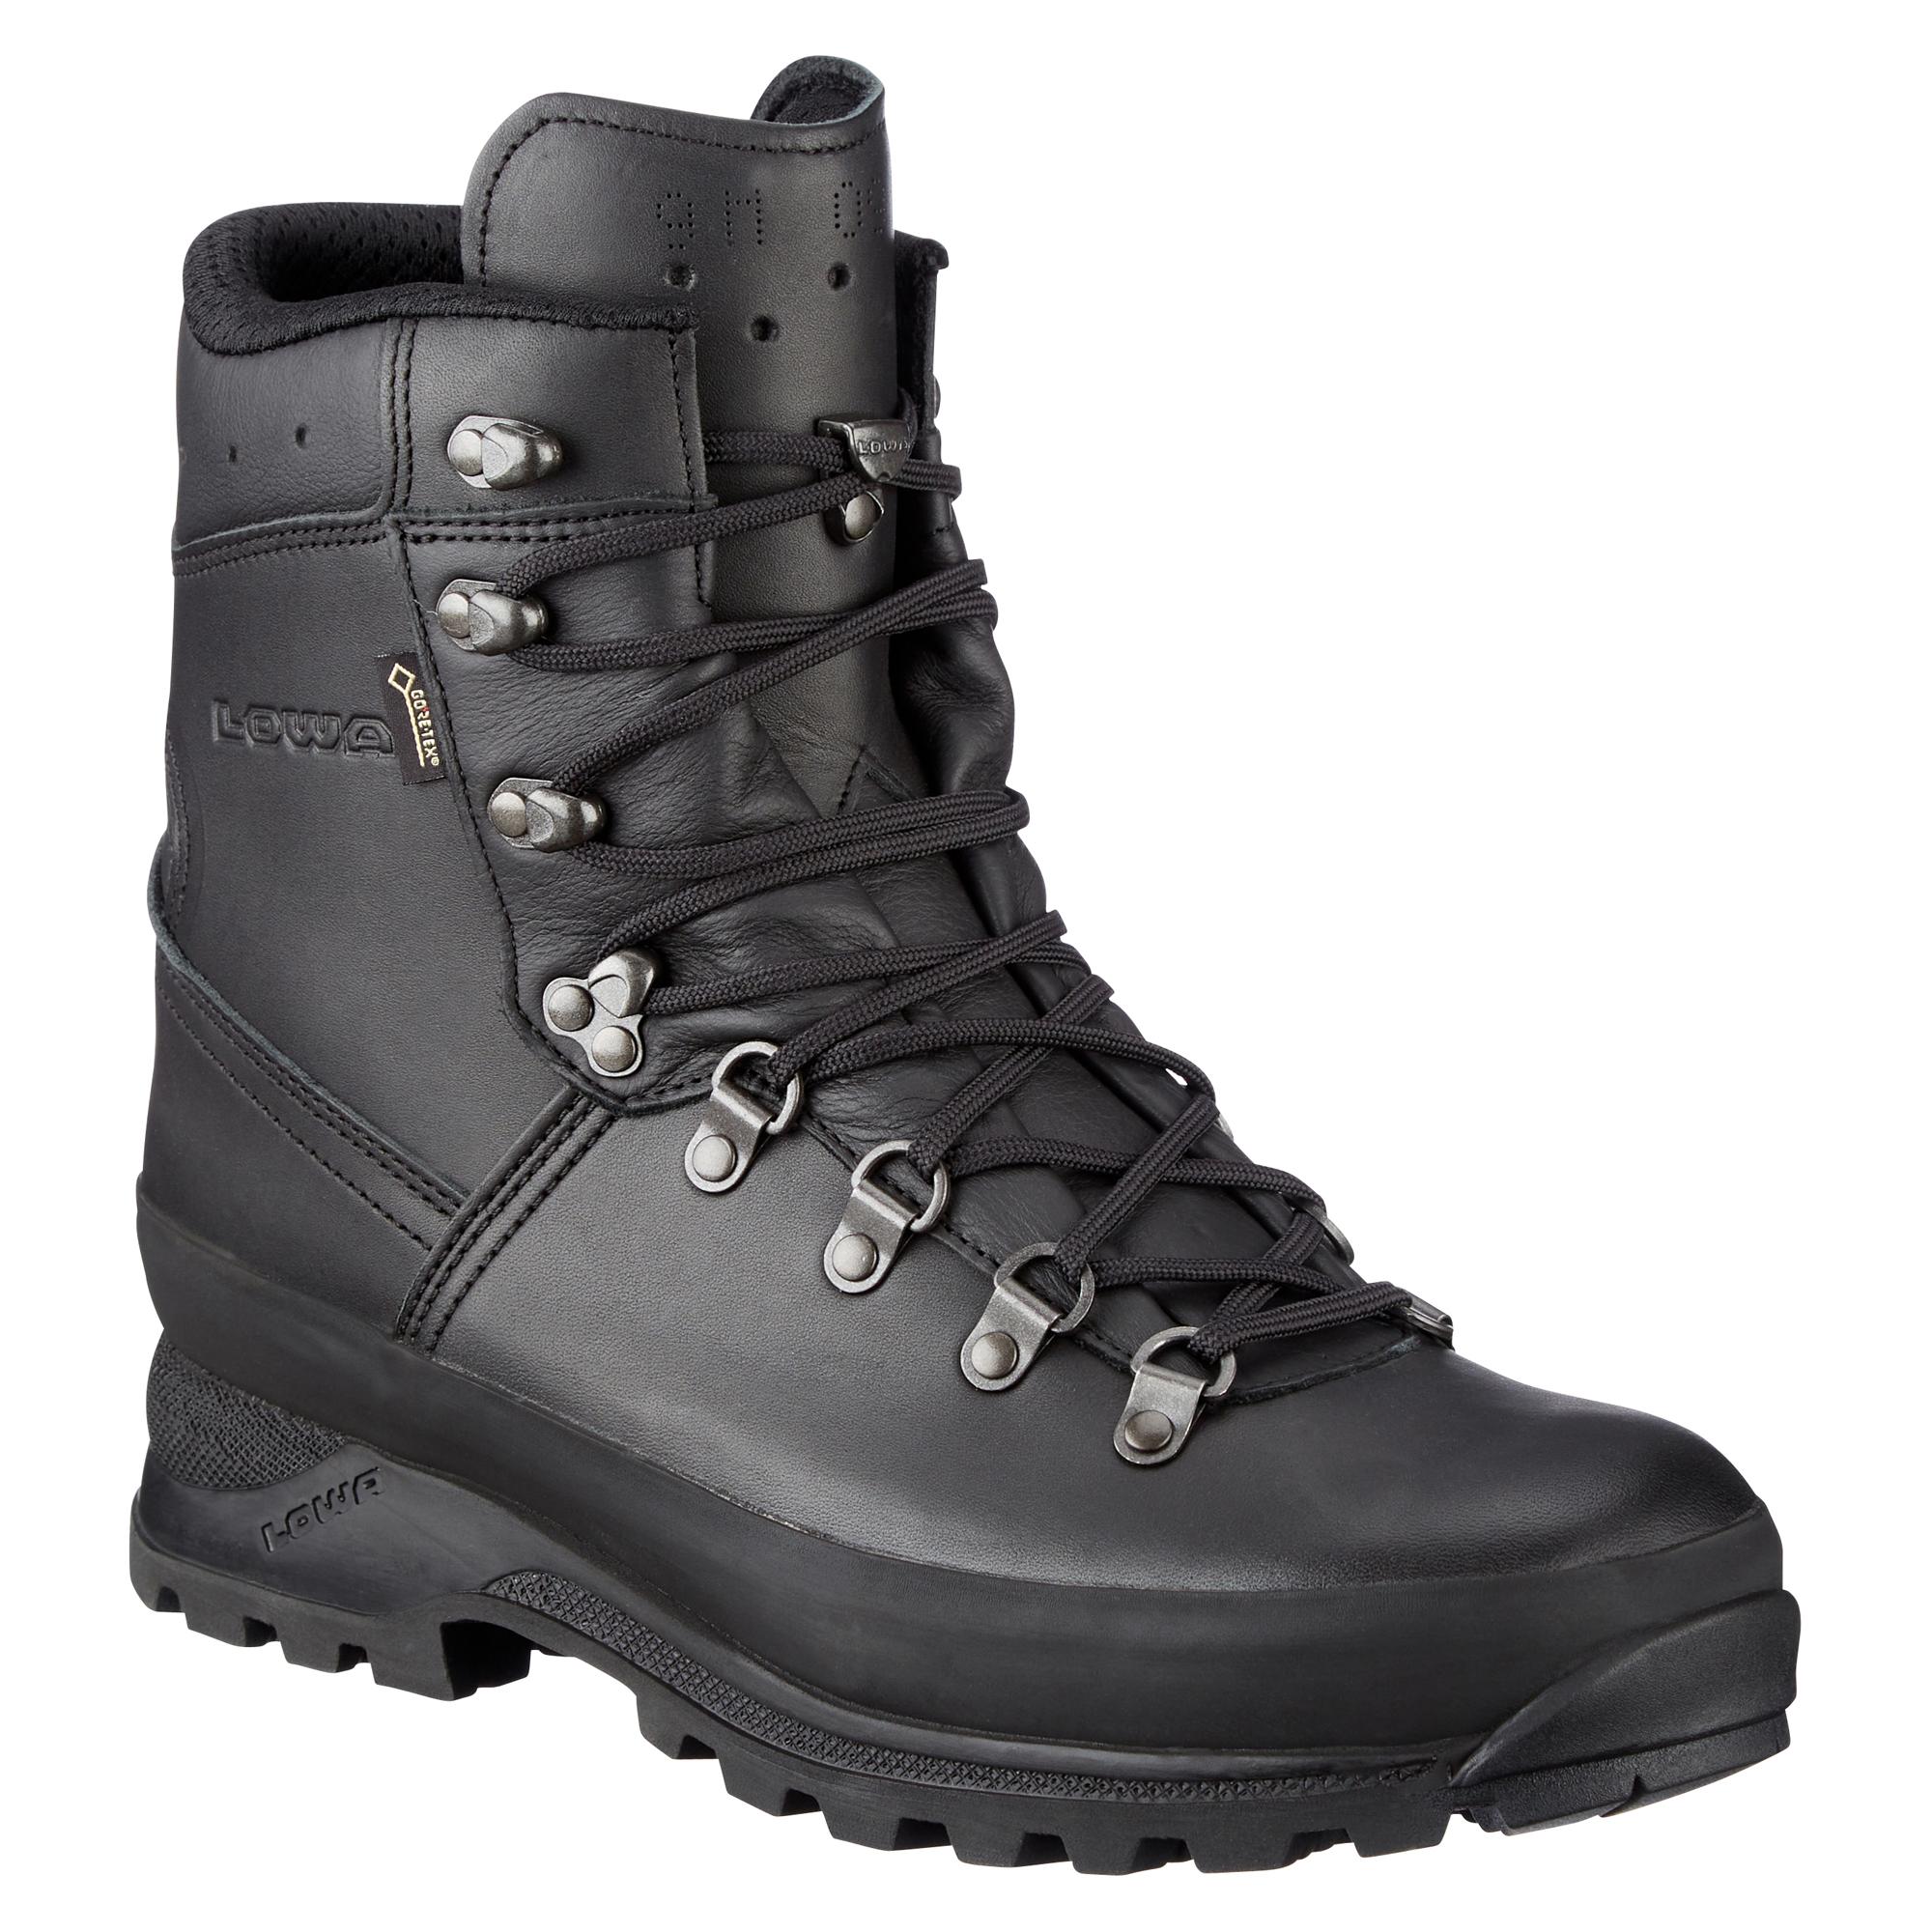 große Auswahl perfekte Qualität eine große Auswahl an Modellen Stiefel LOWA Mountain Boot GTX Ws